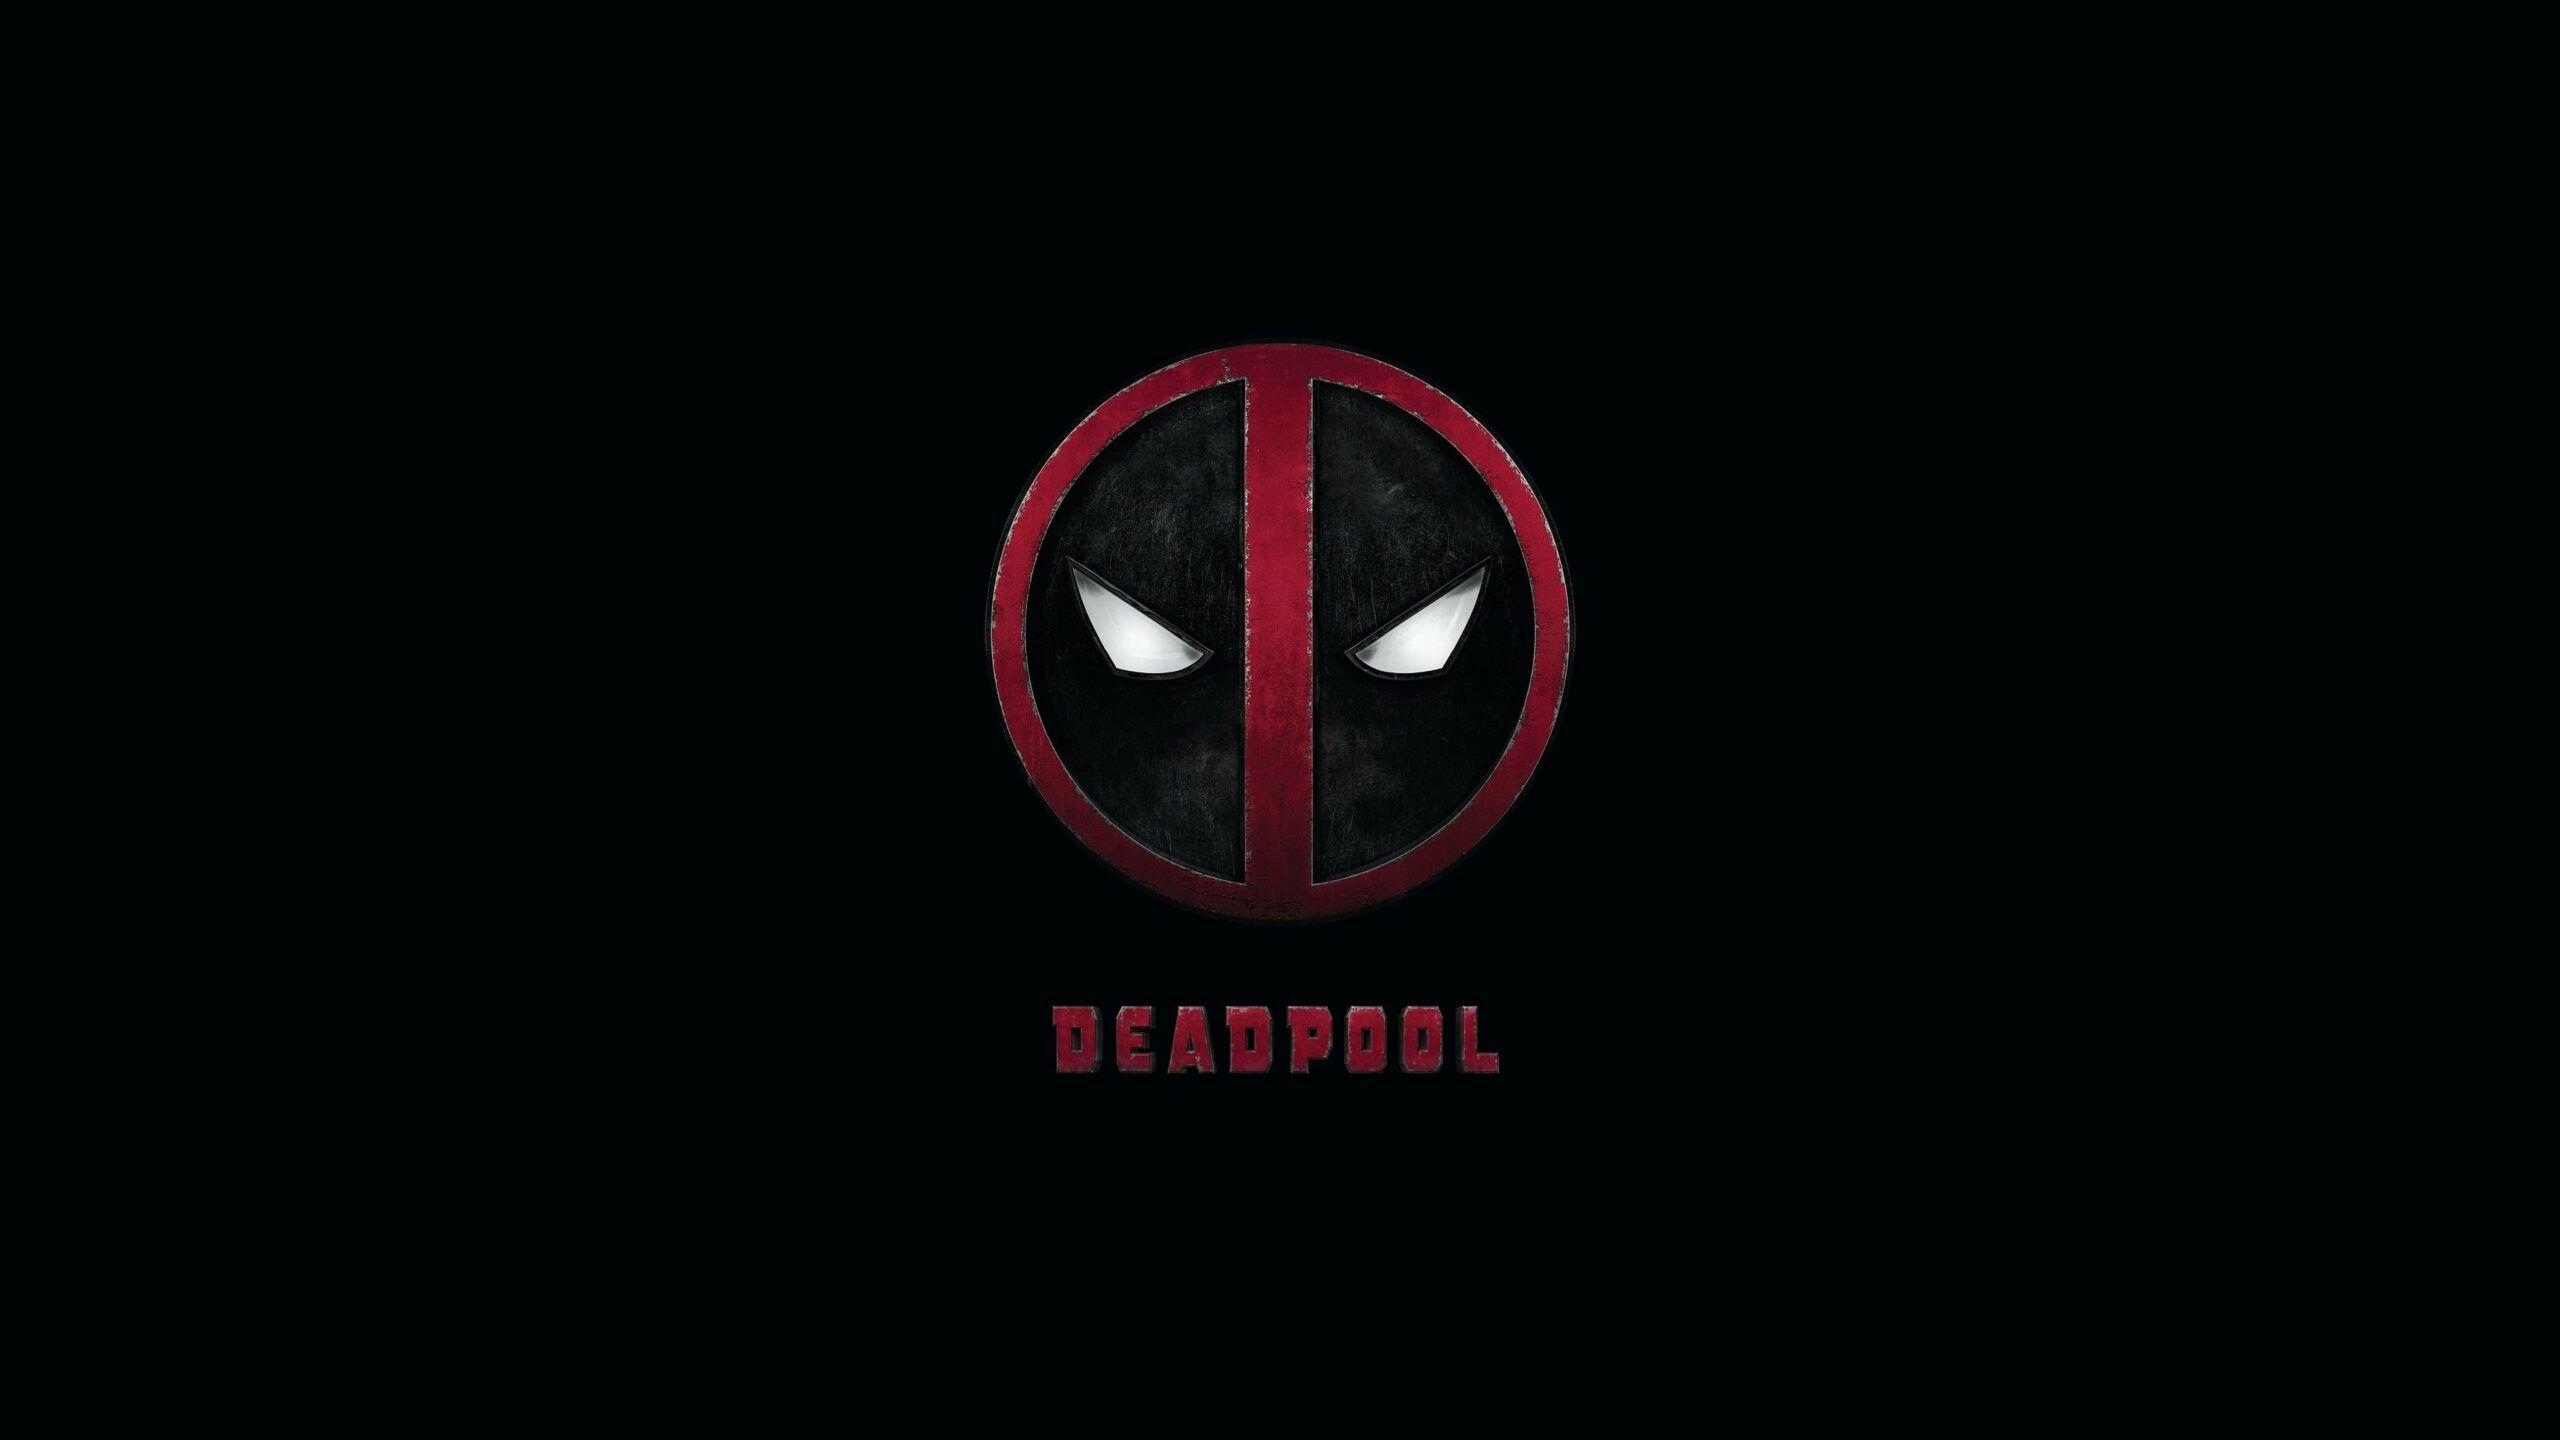 Best Of Deadpool Logos Wallpapers In 2020 Deadpool Wallpaper Deadpool Logo Wallpaper Deadpool Logo